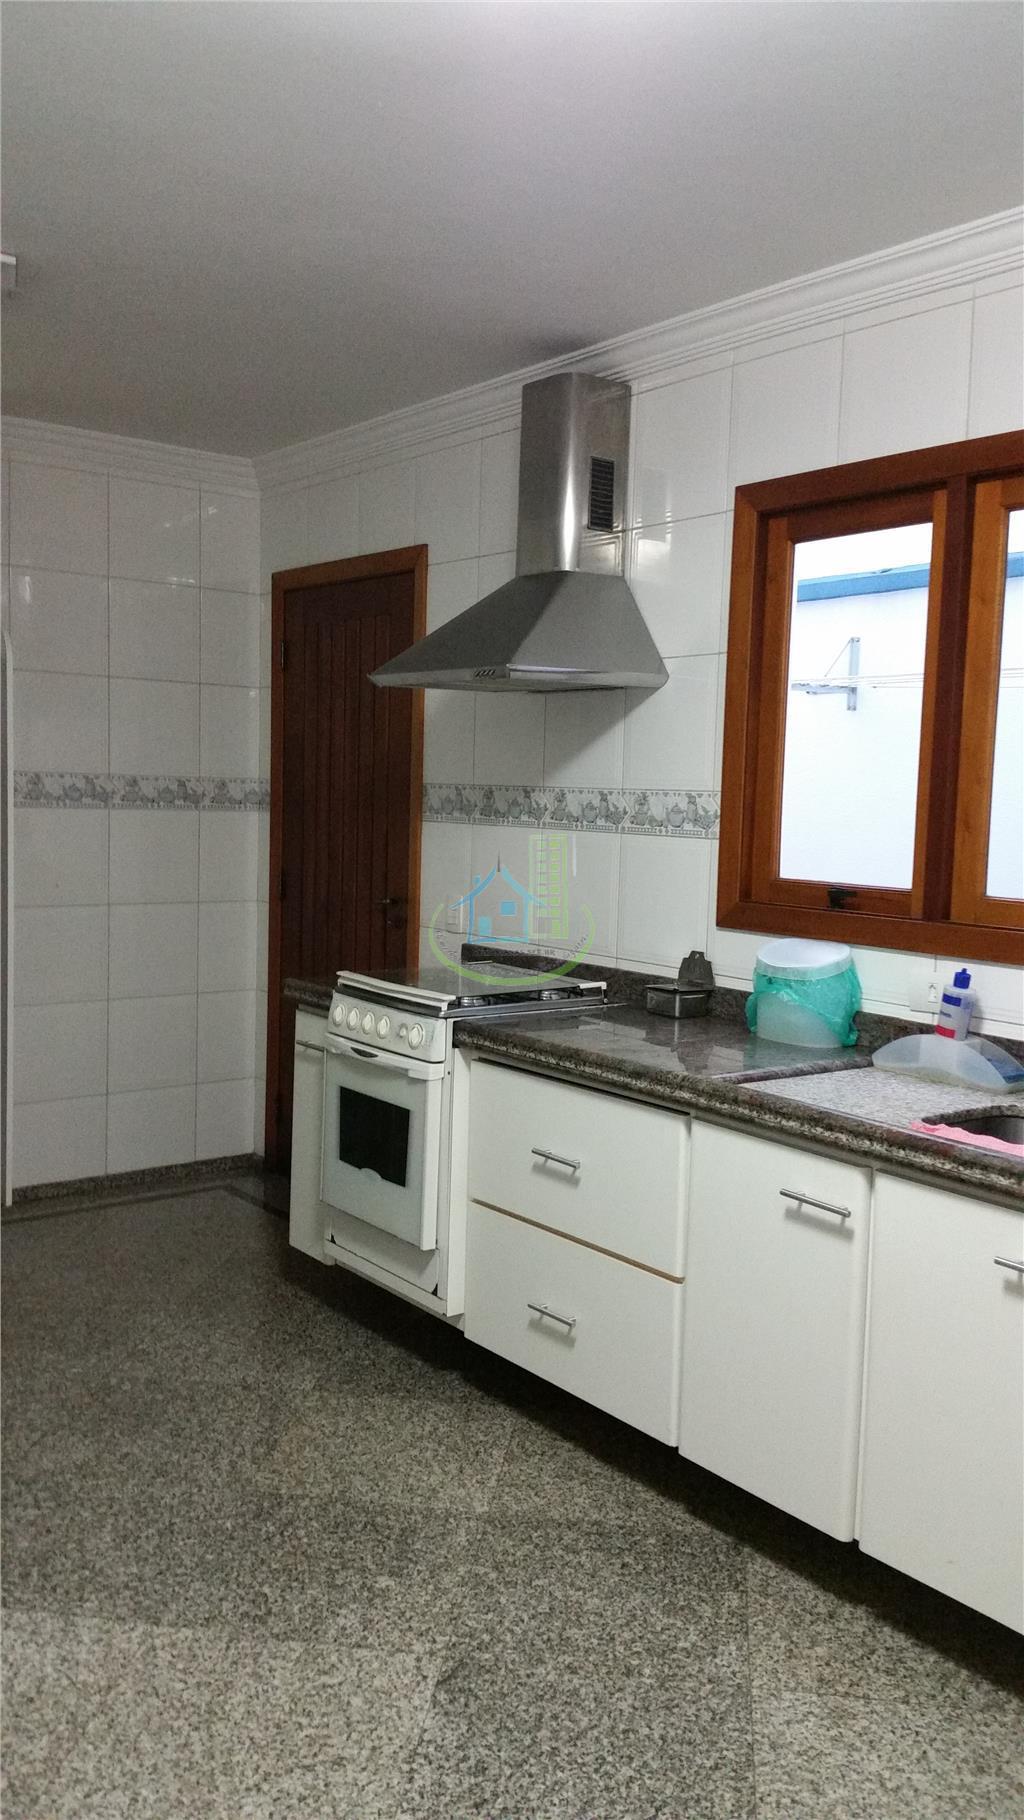 Sobrado de 3 dormitórios à venda em Vila Anhangüera, São Paulo - SP